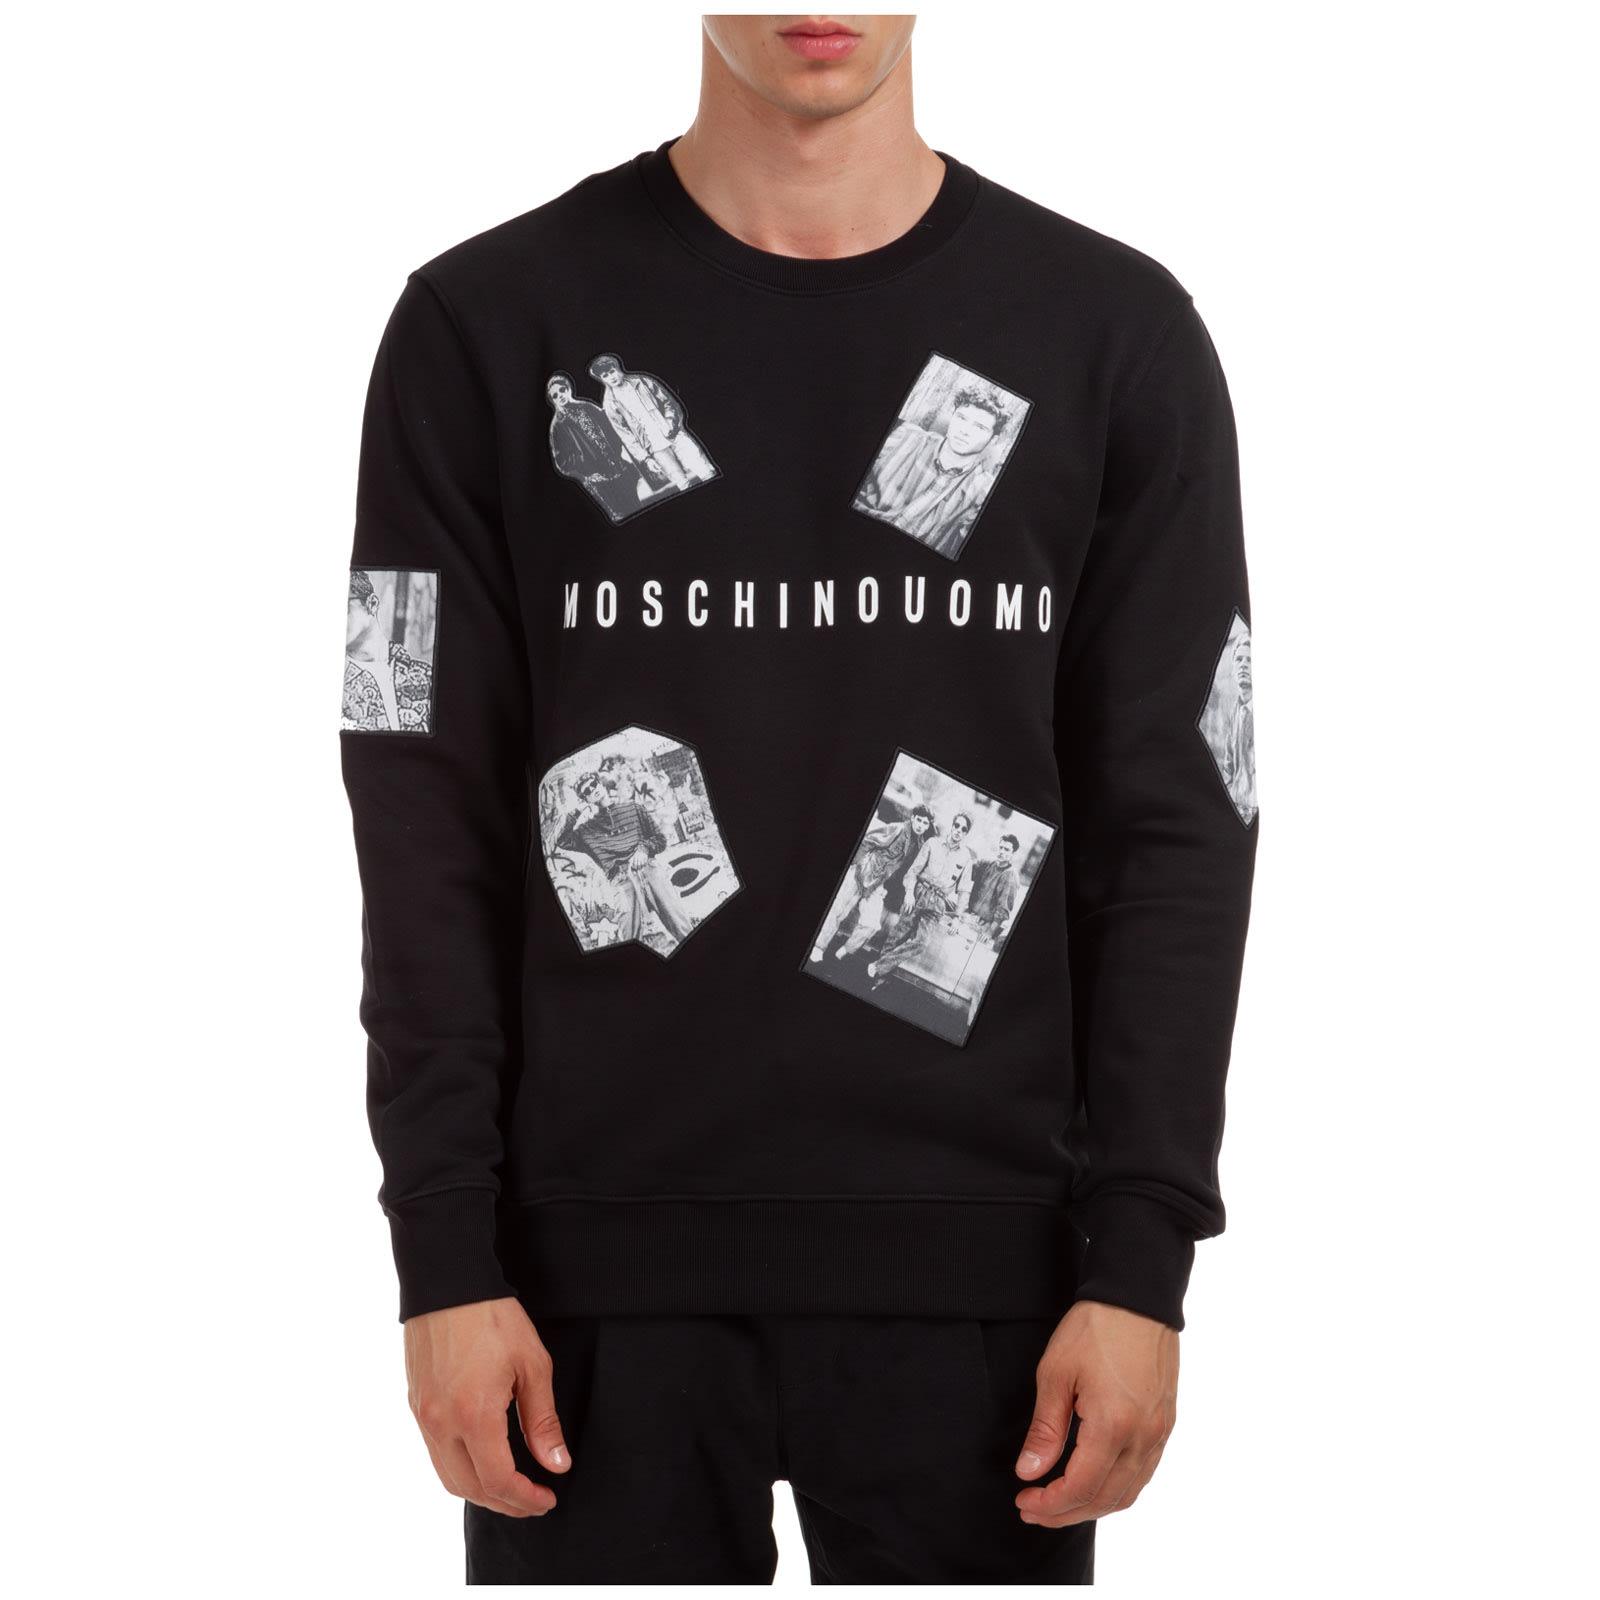 Moschino Photographic Character Sweatshirt